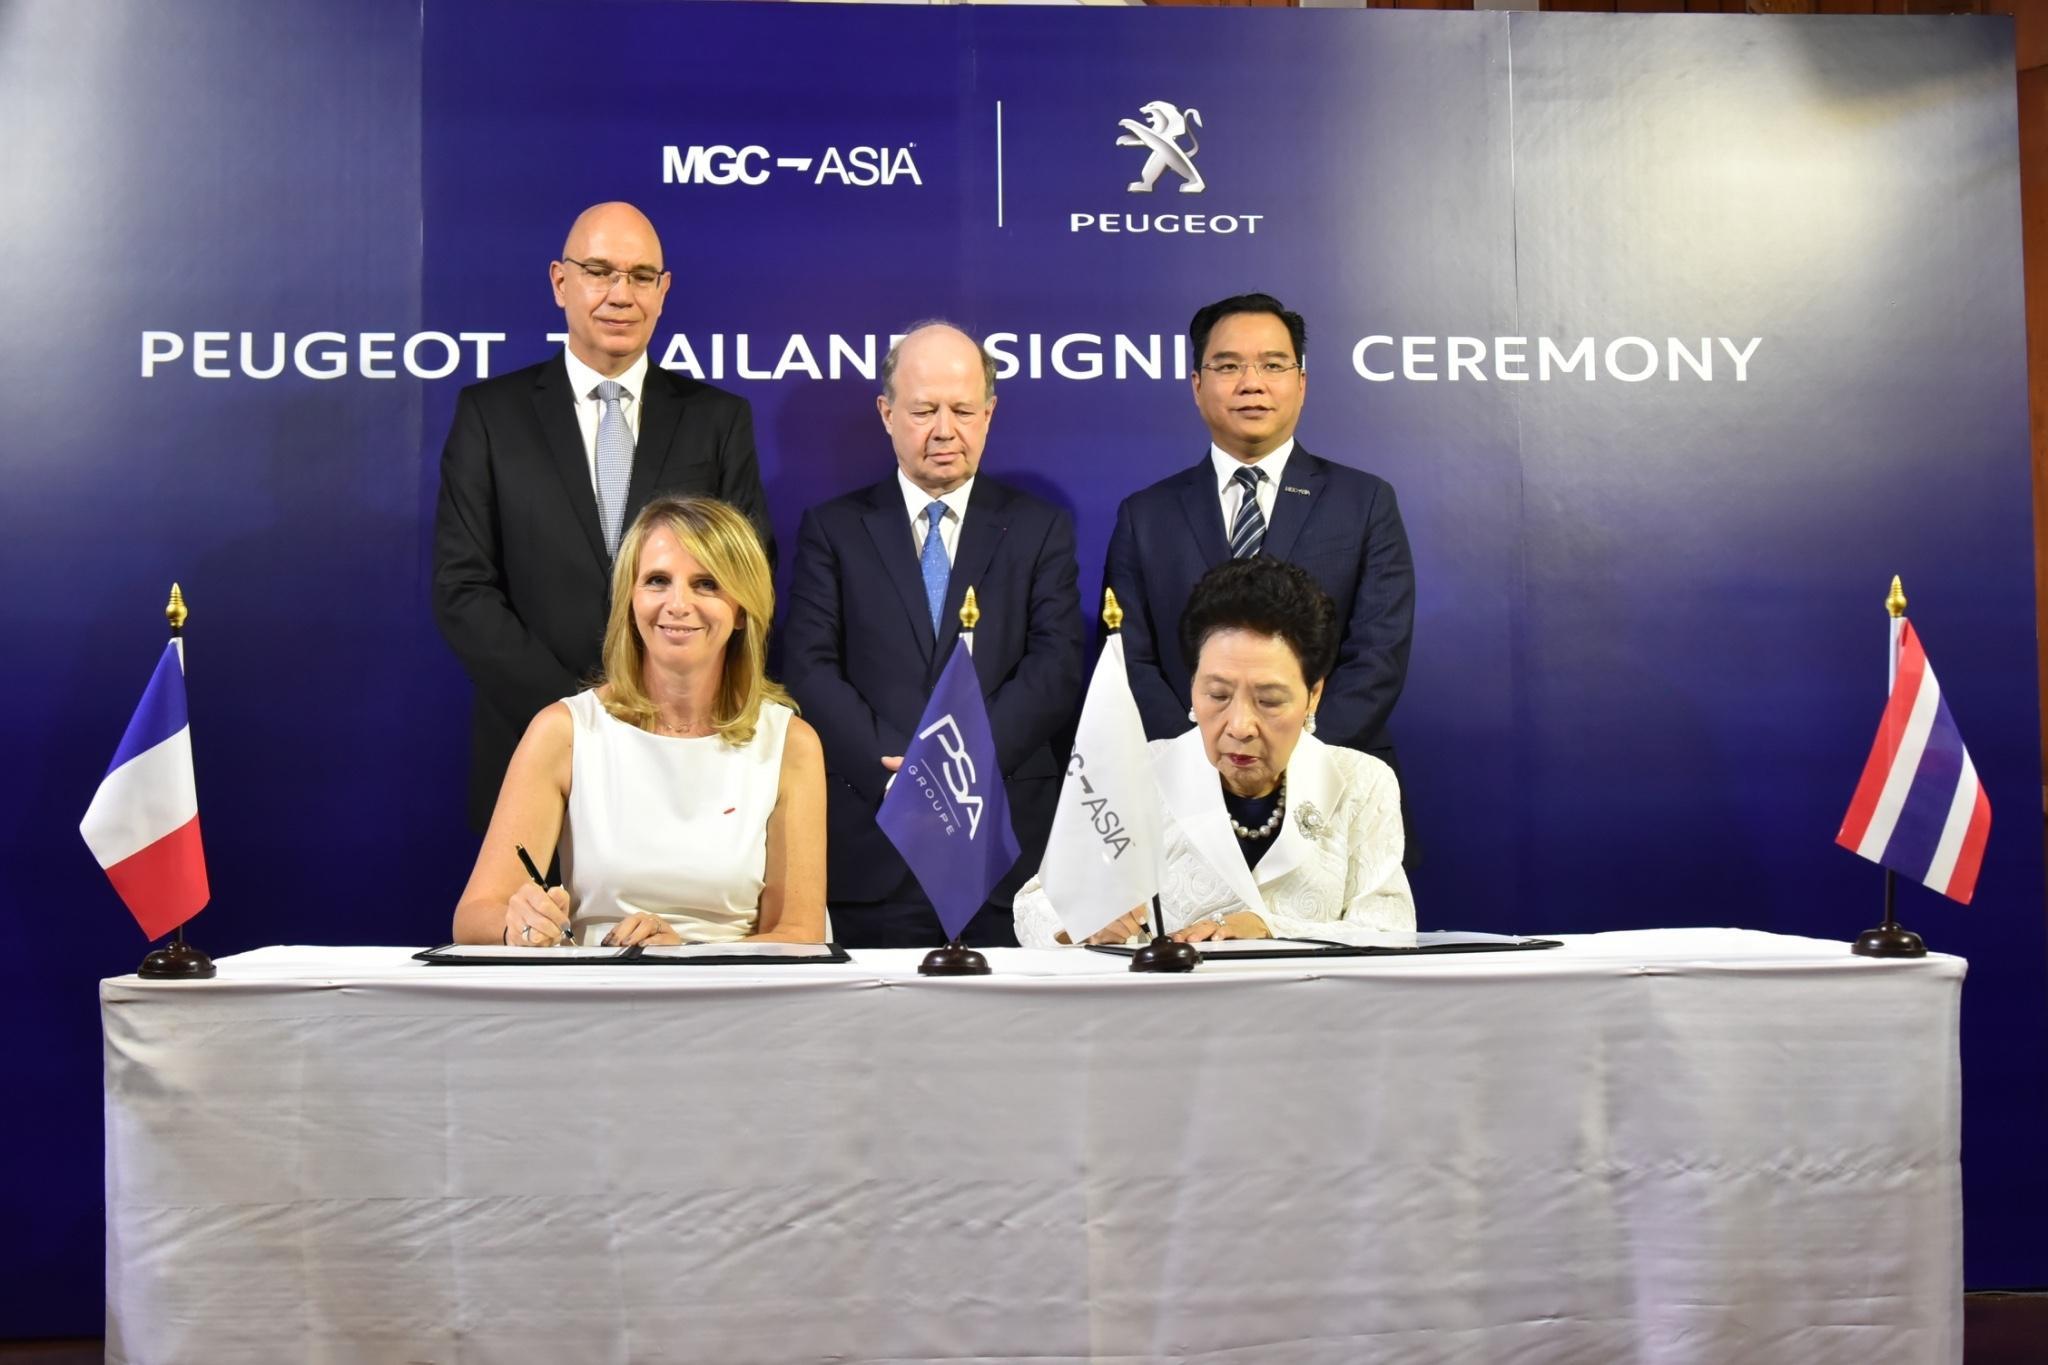 Peugeot พร้อมบุกตลาดเอสยูวีในไทย เผยเตรียมเปิดตัวรถ 2 รุ่นหลักเร็วๆ นี้